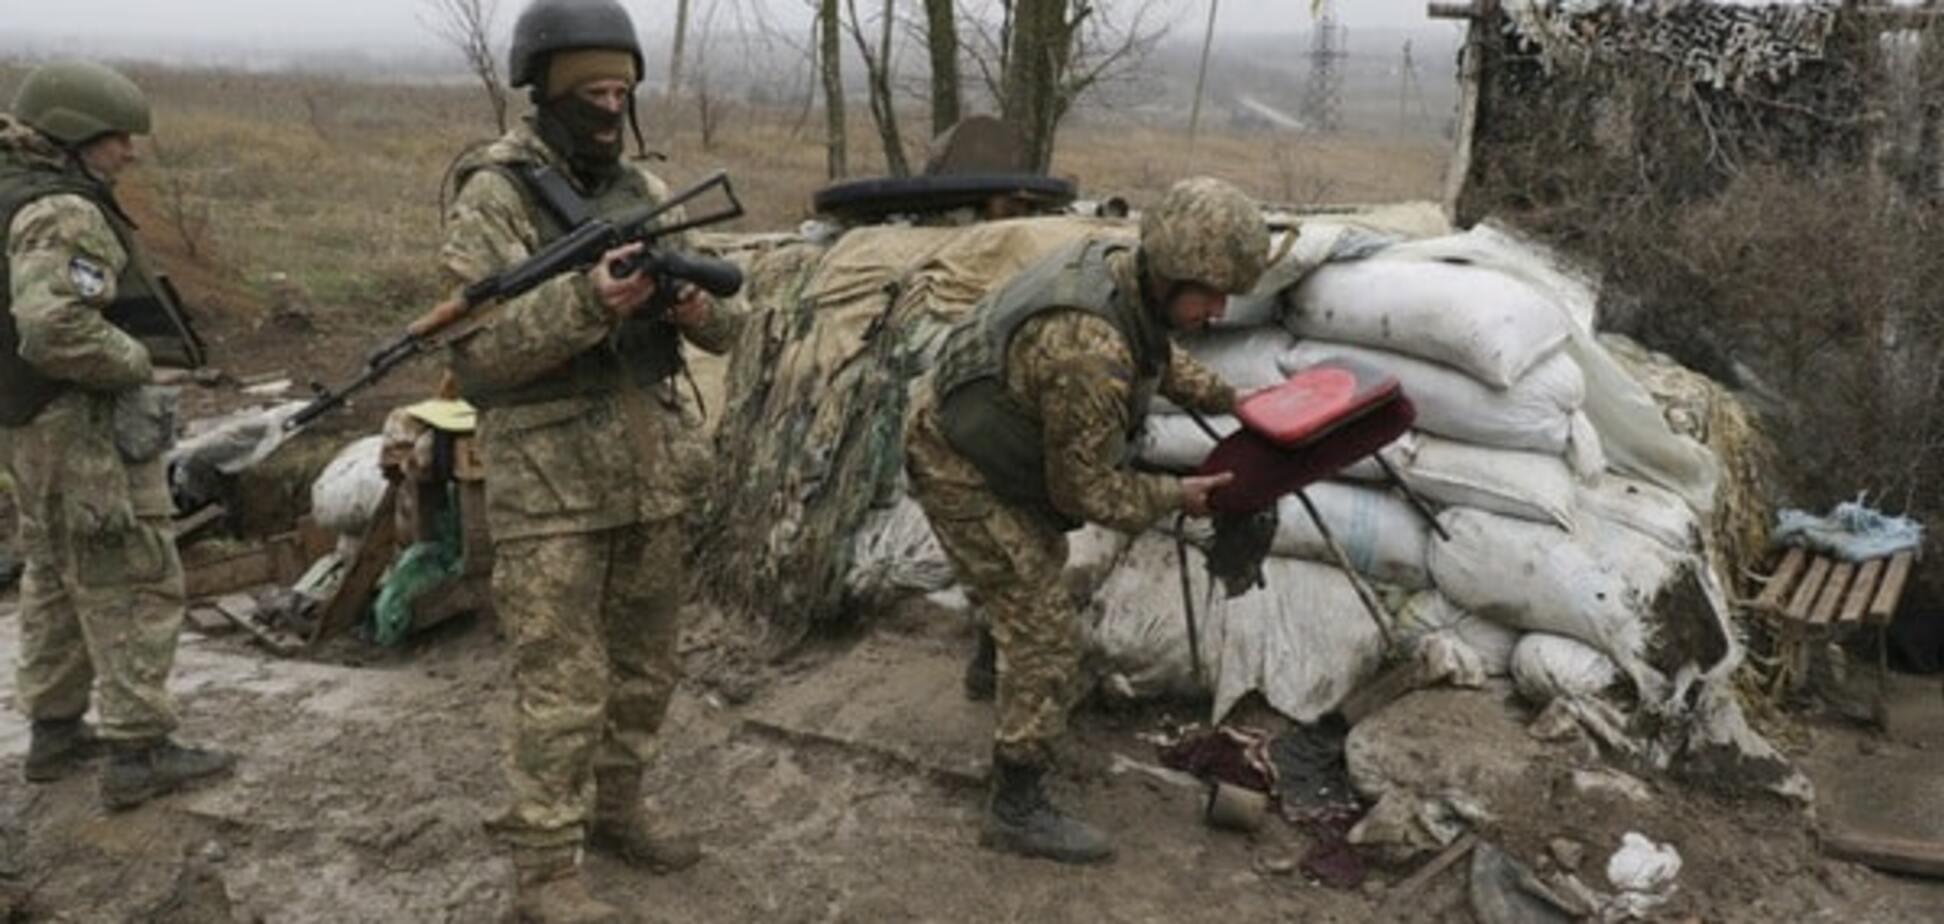 Бійців АТО в Авдіївці обстріляли з мінометів і гранатометів